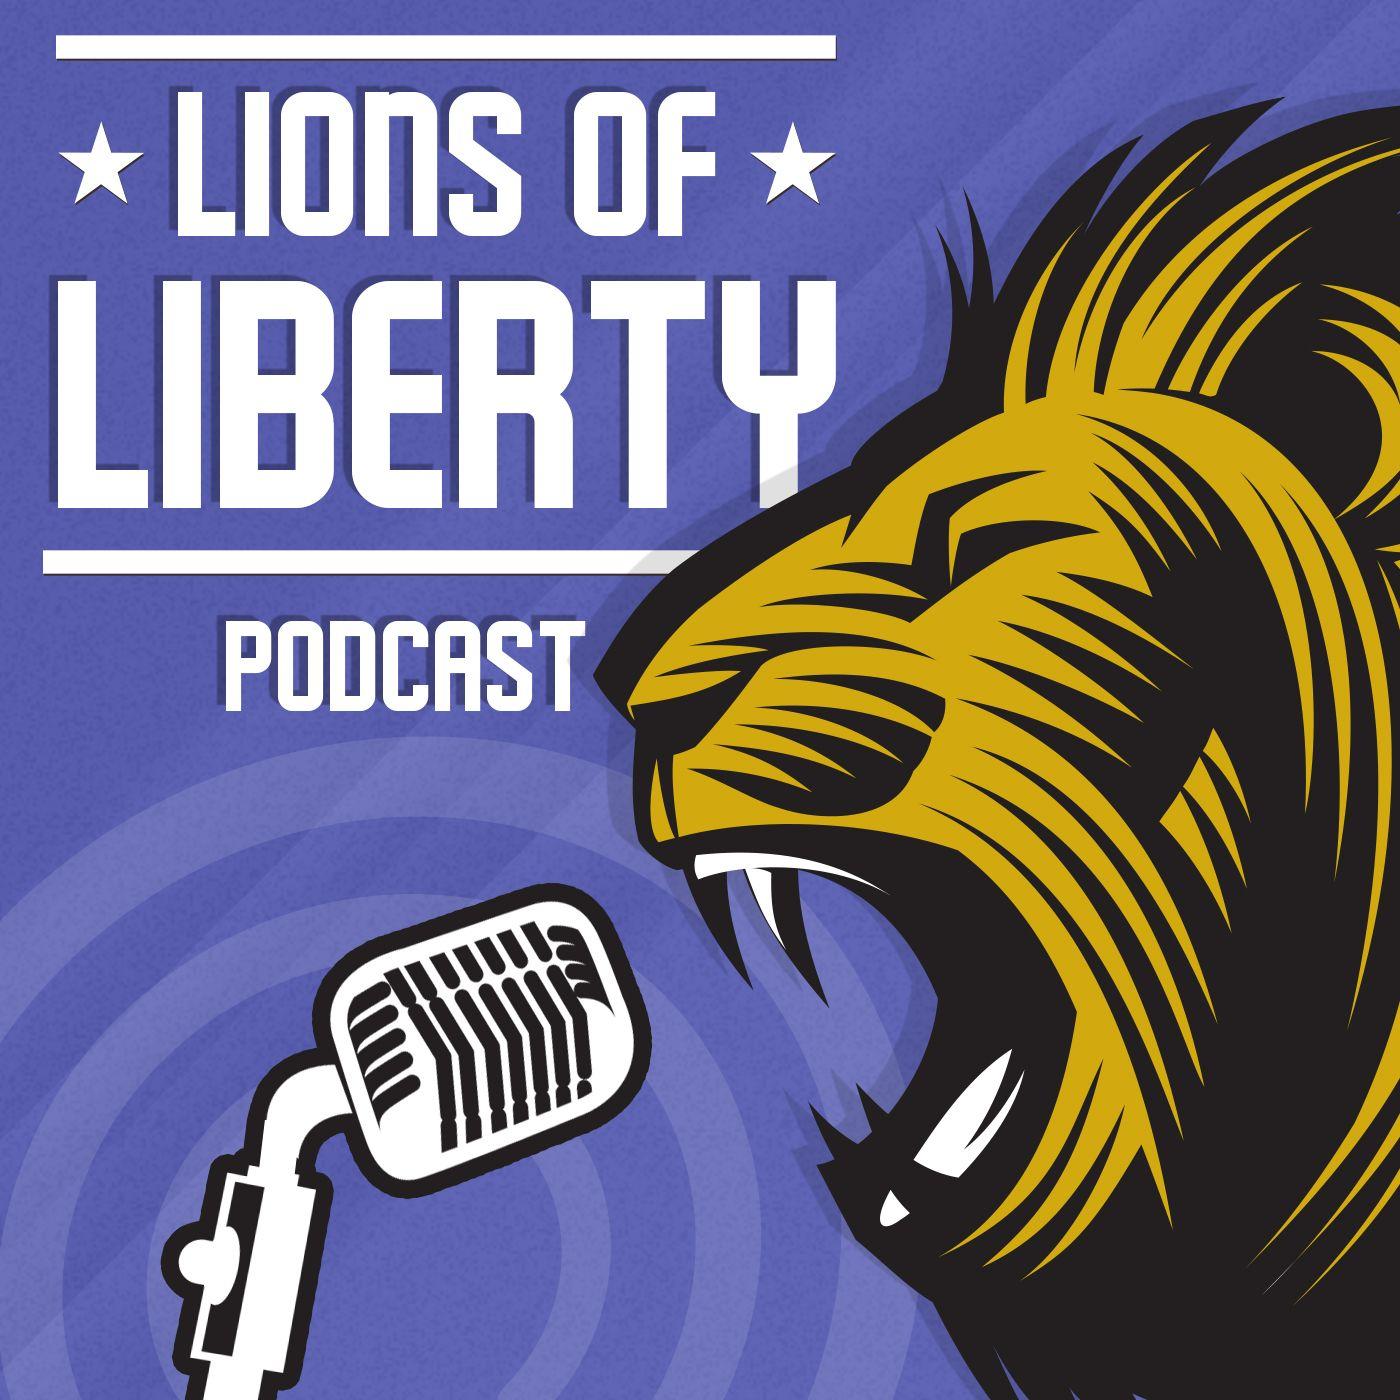 Heartland Newsfeed Radio Network: Lions of Liberty Felony Friday (September 13, 2019)